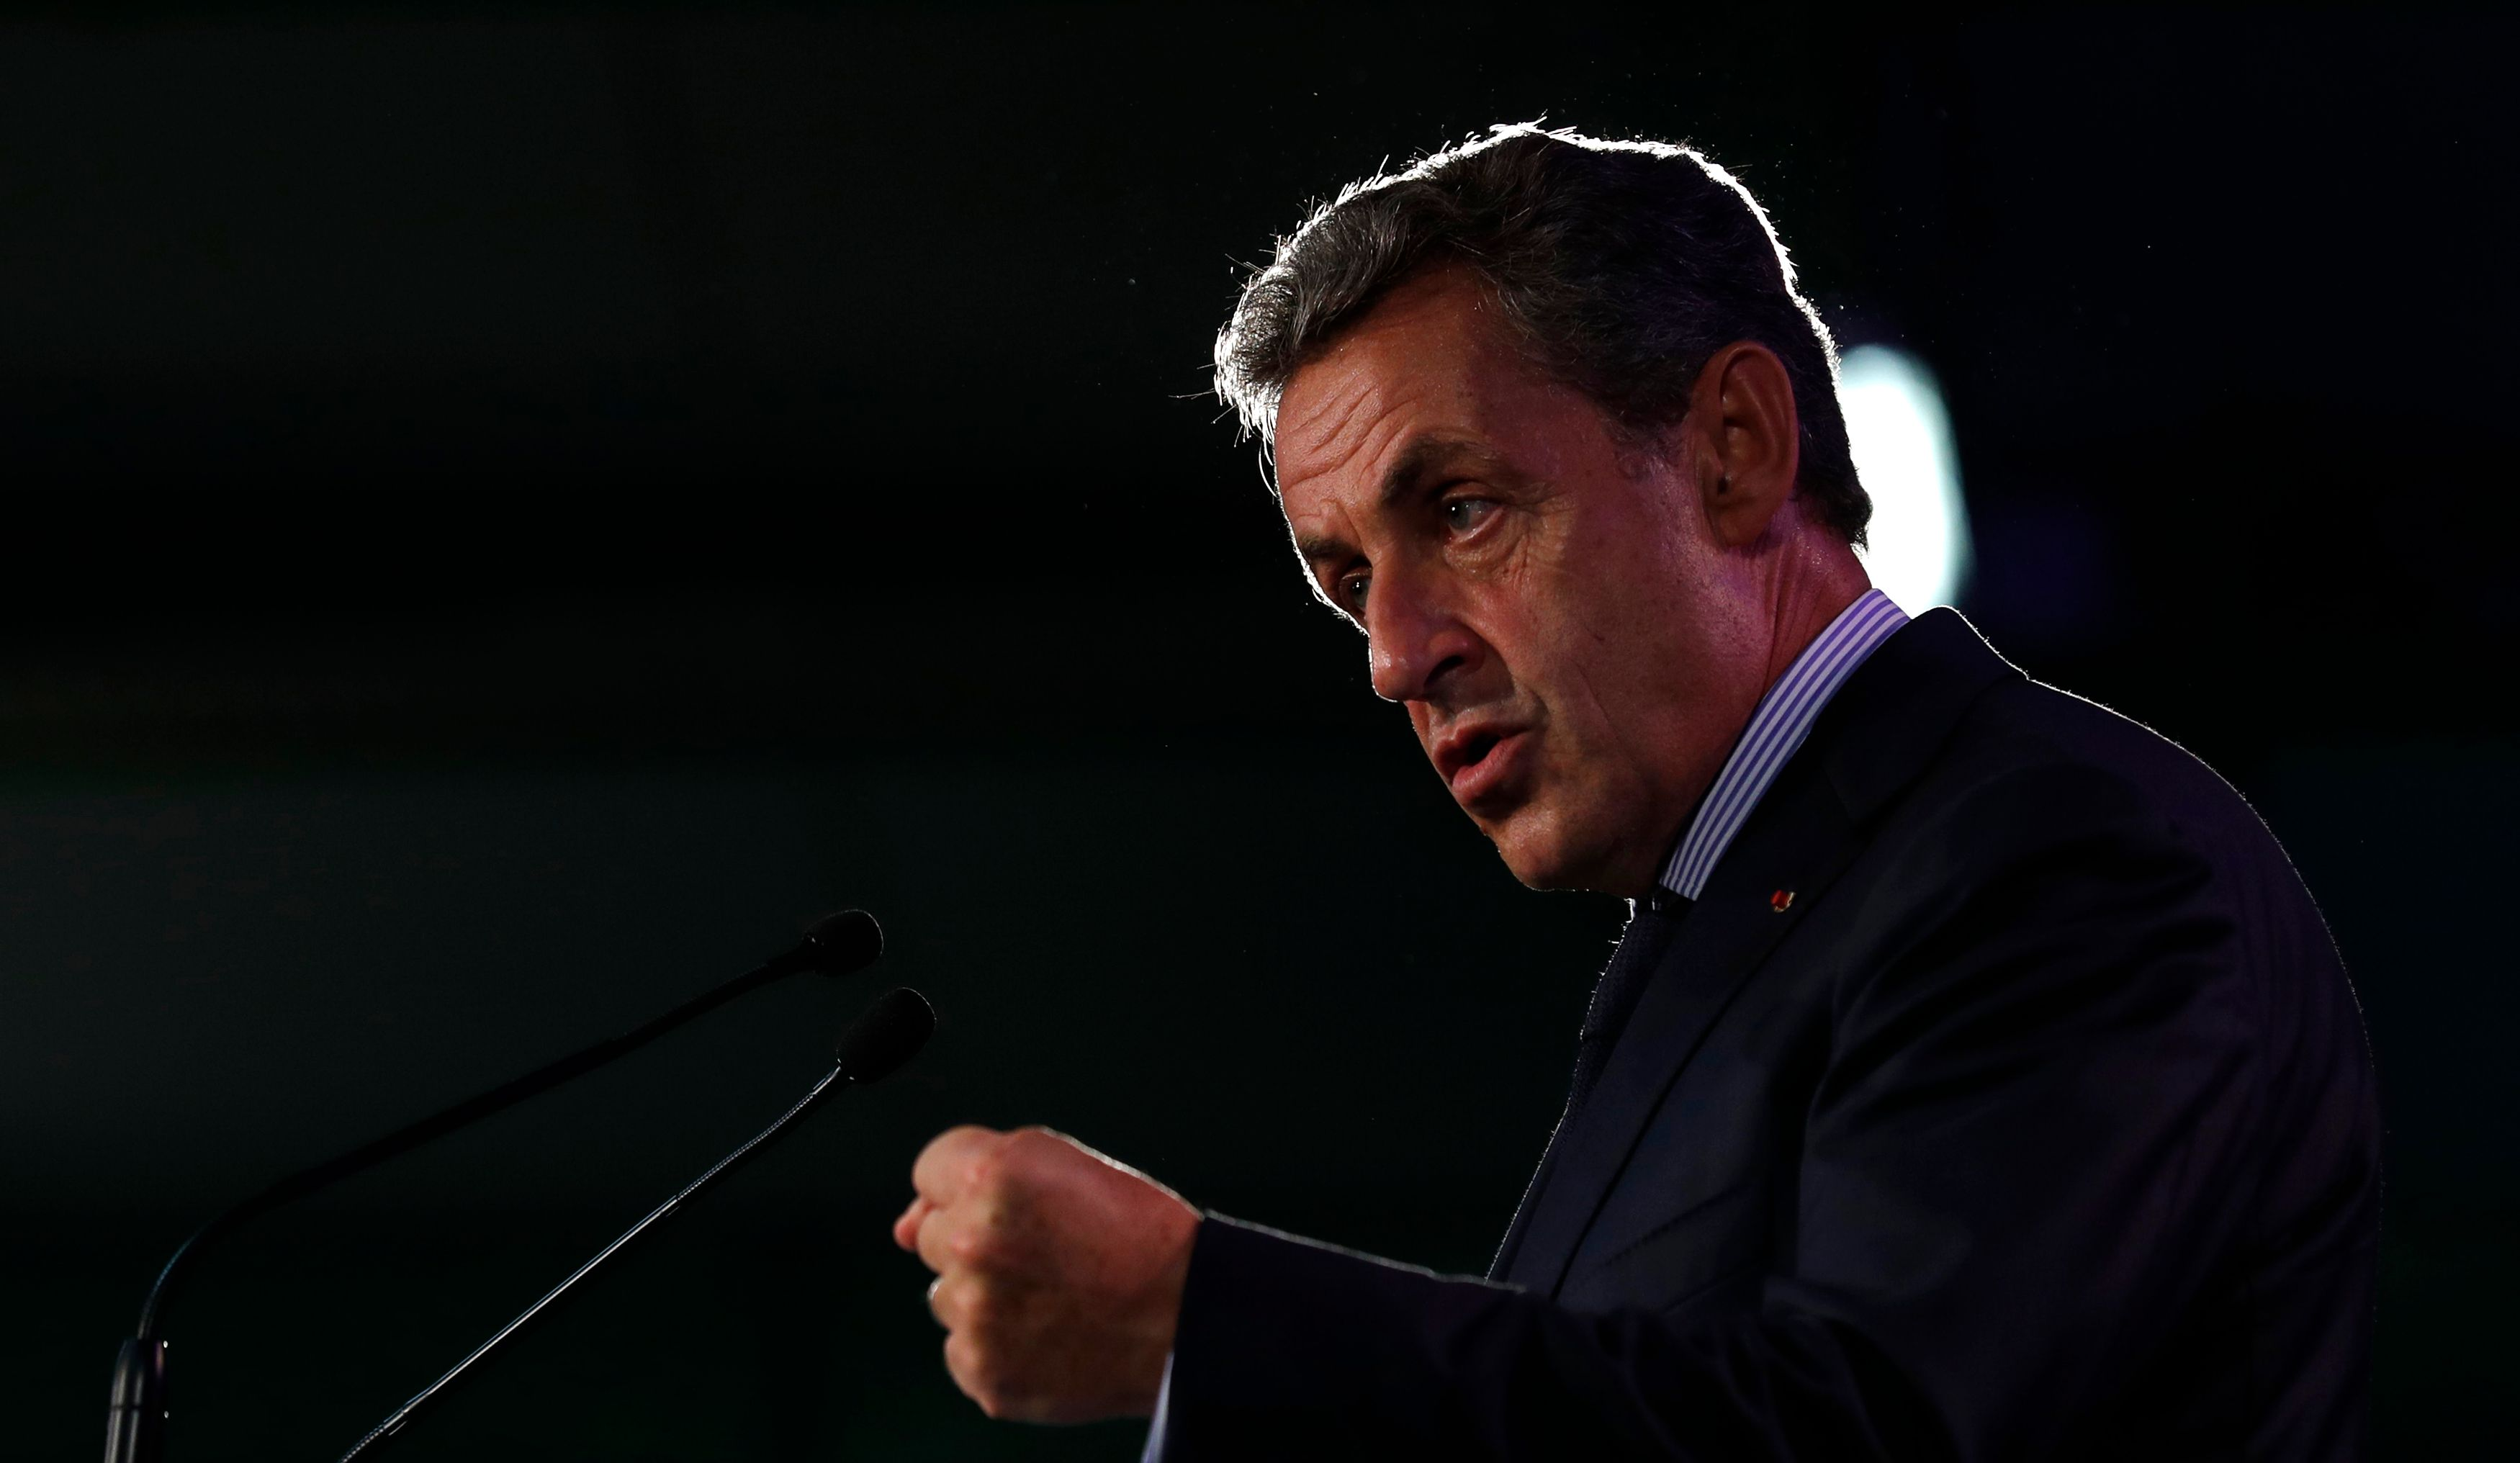 Affaire Bygmalion : la réponse sèche de Nicolas Sarkozy à François Fillon